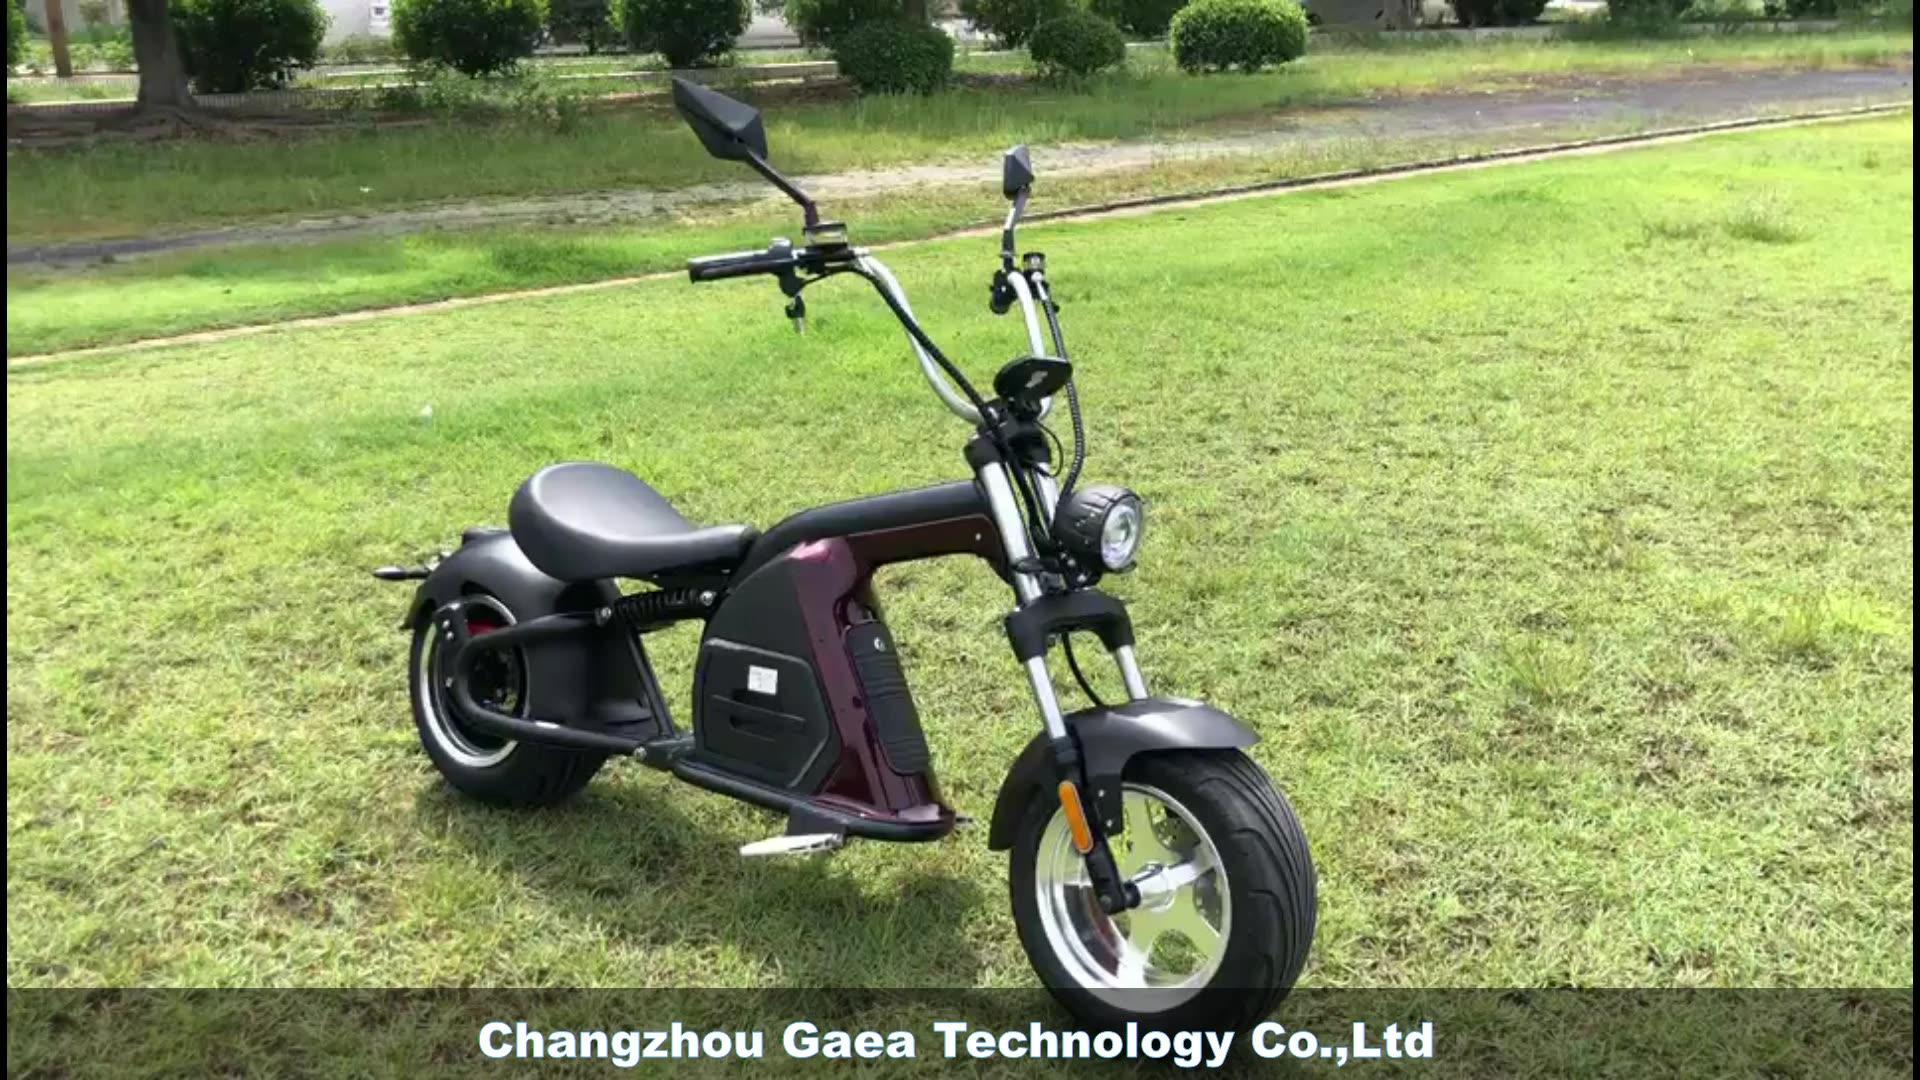 2020 Xe Tay Ga Cho Người Lớn Với Một Chỗ Ngồi Hệ Thống Báo Động 2000 Watt Động Cơ Không Chổi Than Chất Béo Lốp Chopper Citycoco Mới Từ Trung Quốc Nhà Máy